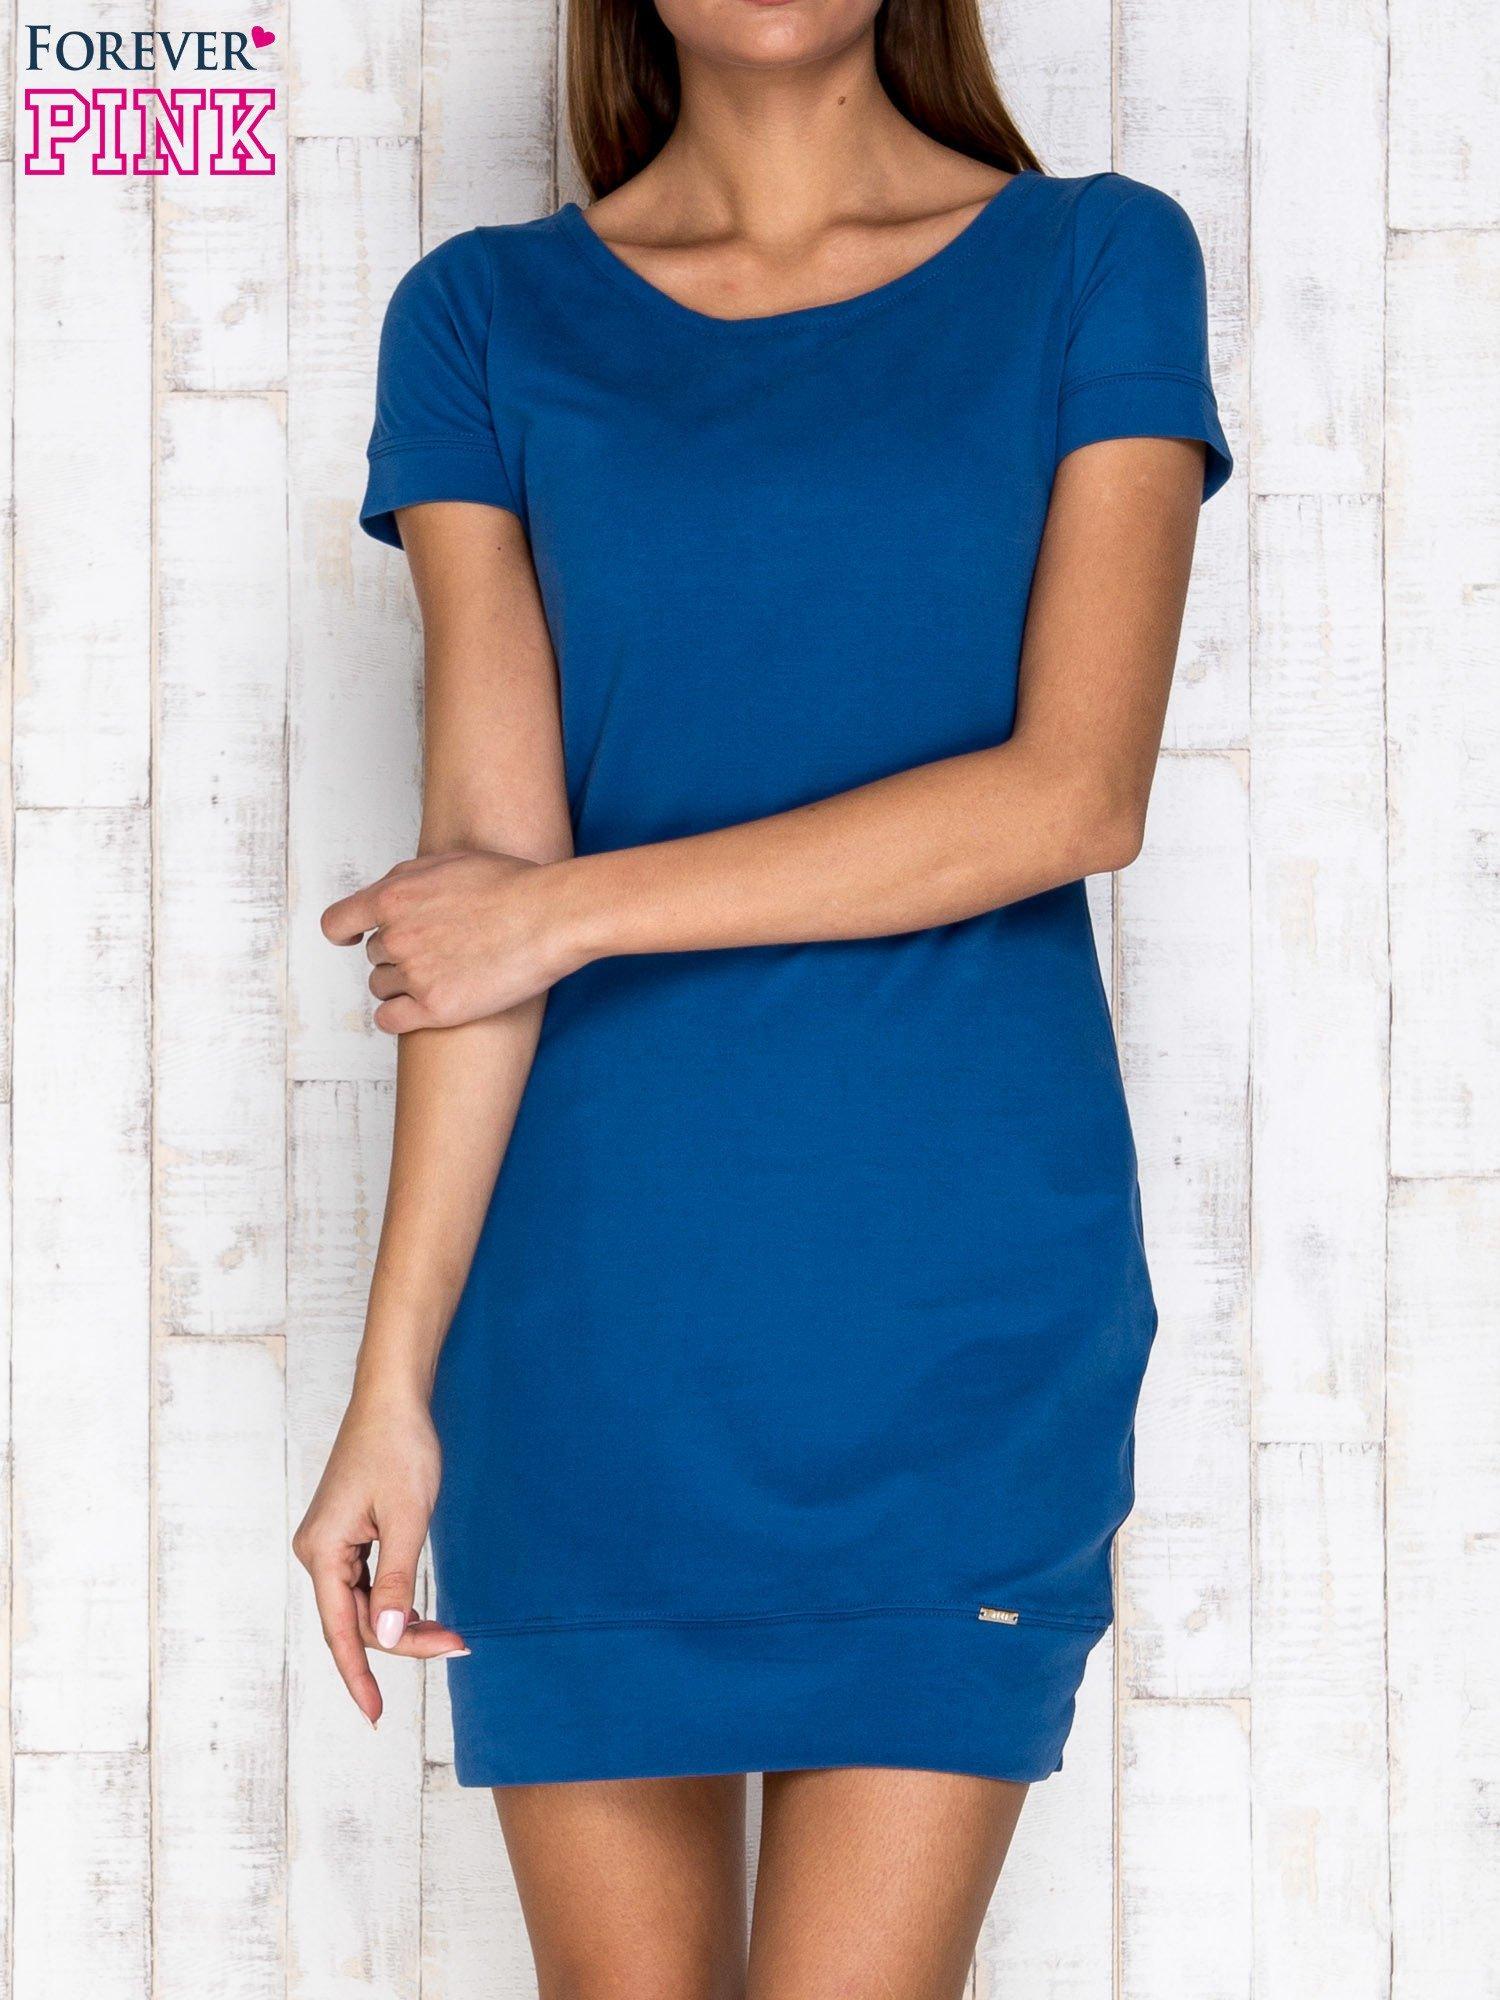 Niebieska gładka sukienka ze ściągaczem na dole                                  zdj.                                  1